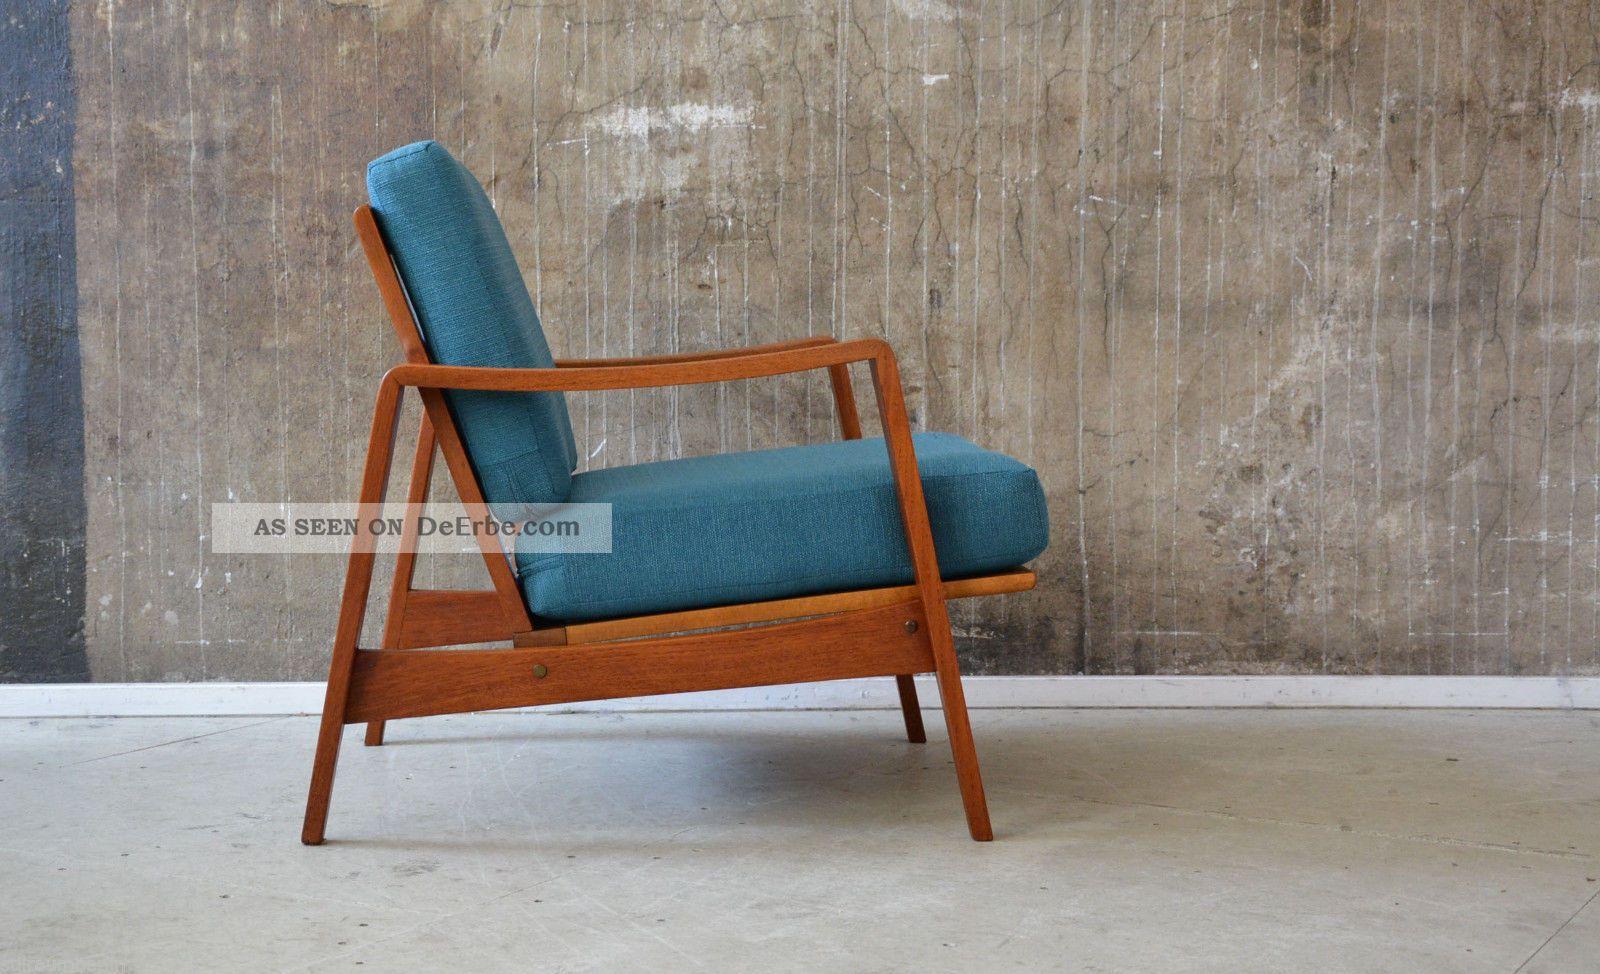 60er Arne Wahl Iversen Teak Sessel Danish Design 60s Easy Chair